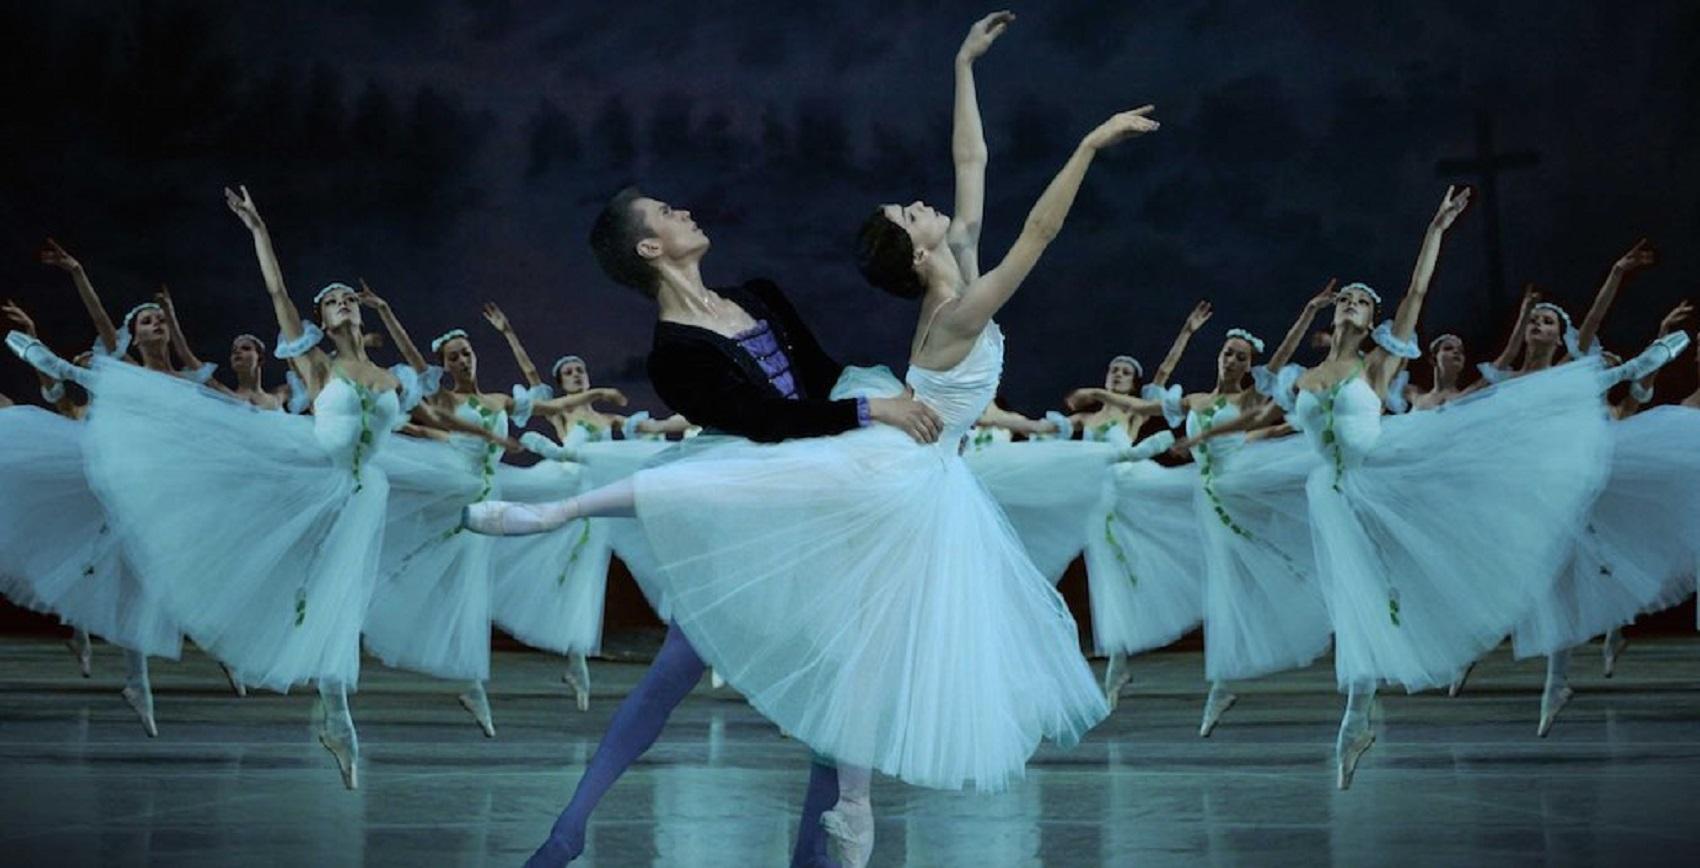 Giselle alla Scala di Milano: info e biglietti del balletto